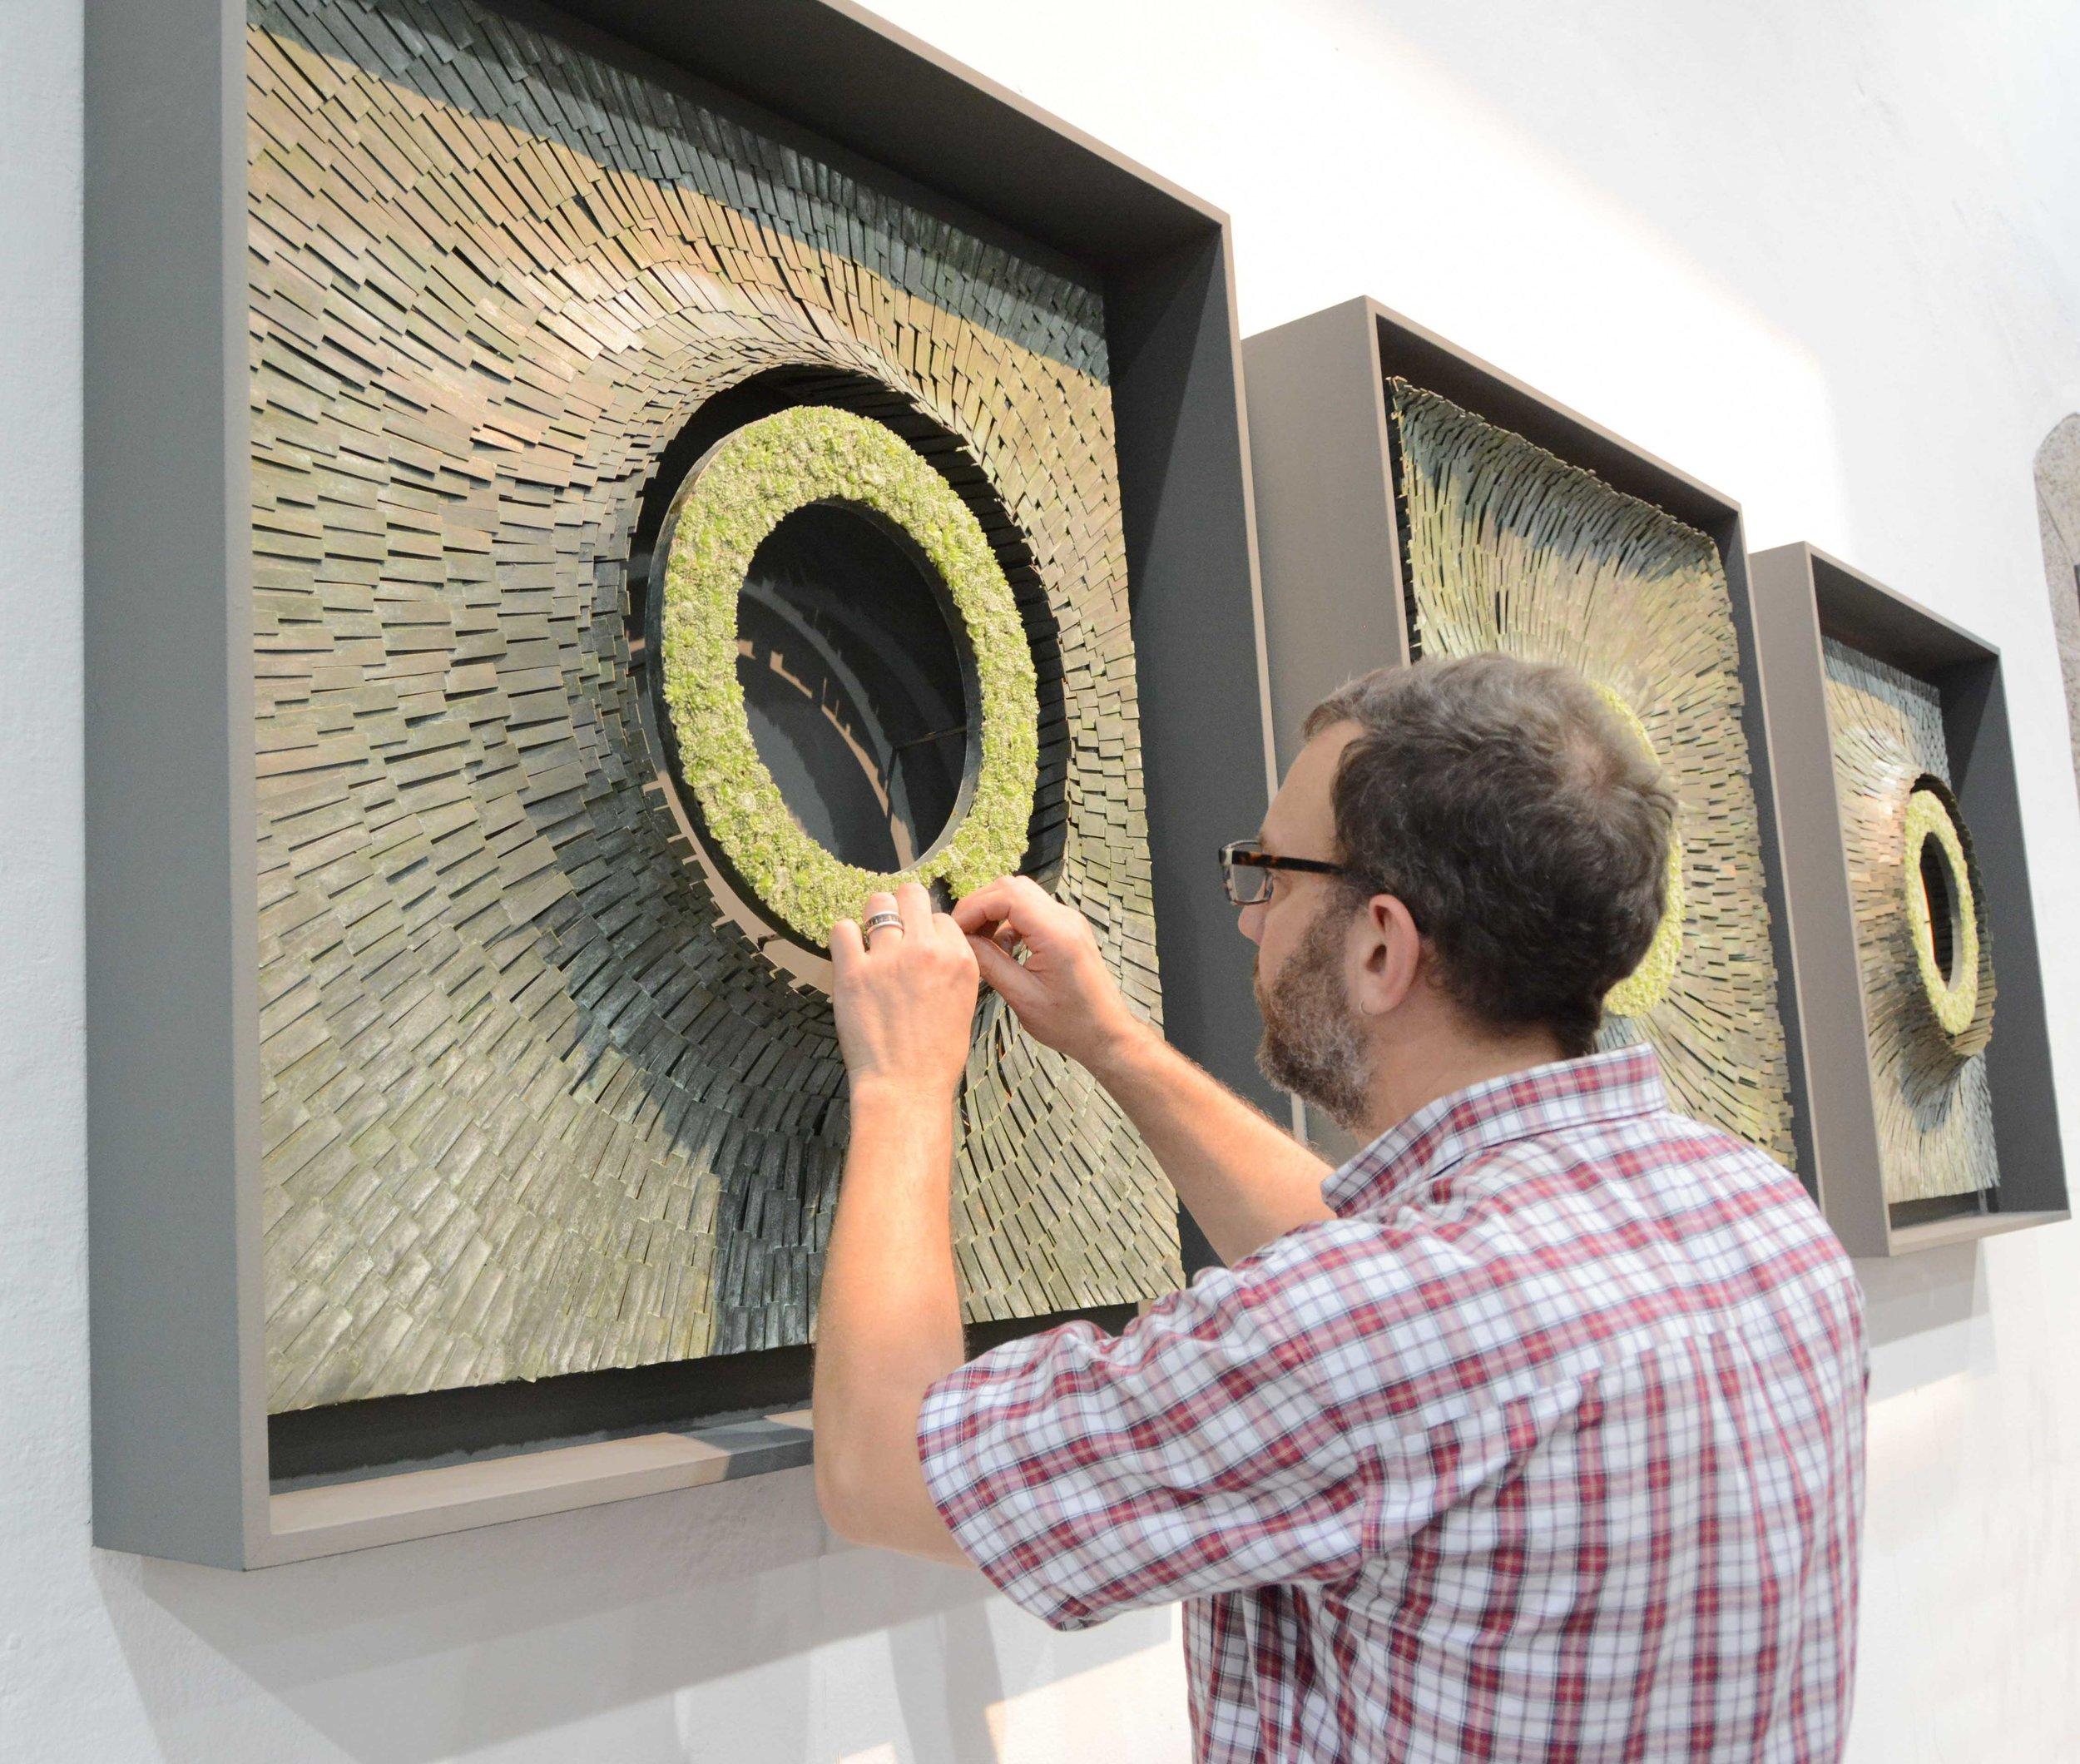 Um das Werden und Vergehen sichtbar zu machen, schuf Shayne Phillips aus Urdorf/CH eine dreiteilige Meisterarbeit aus identisch grossen Kreisausschnitten.